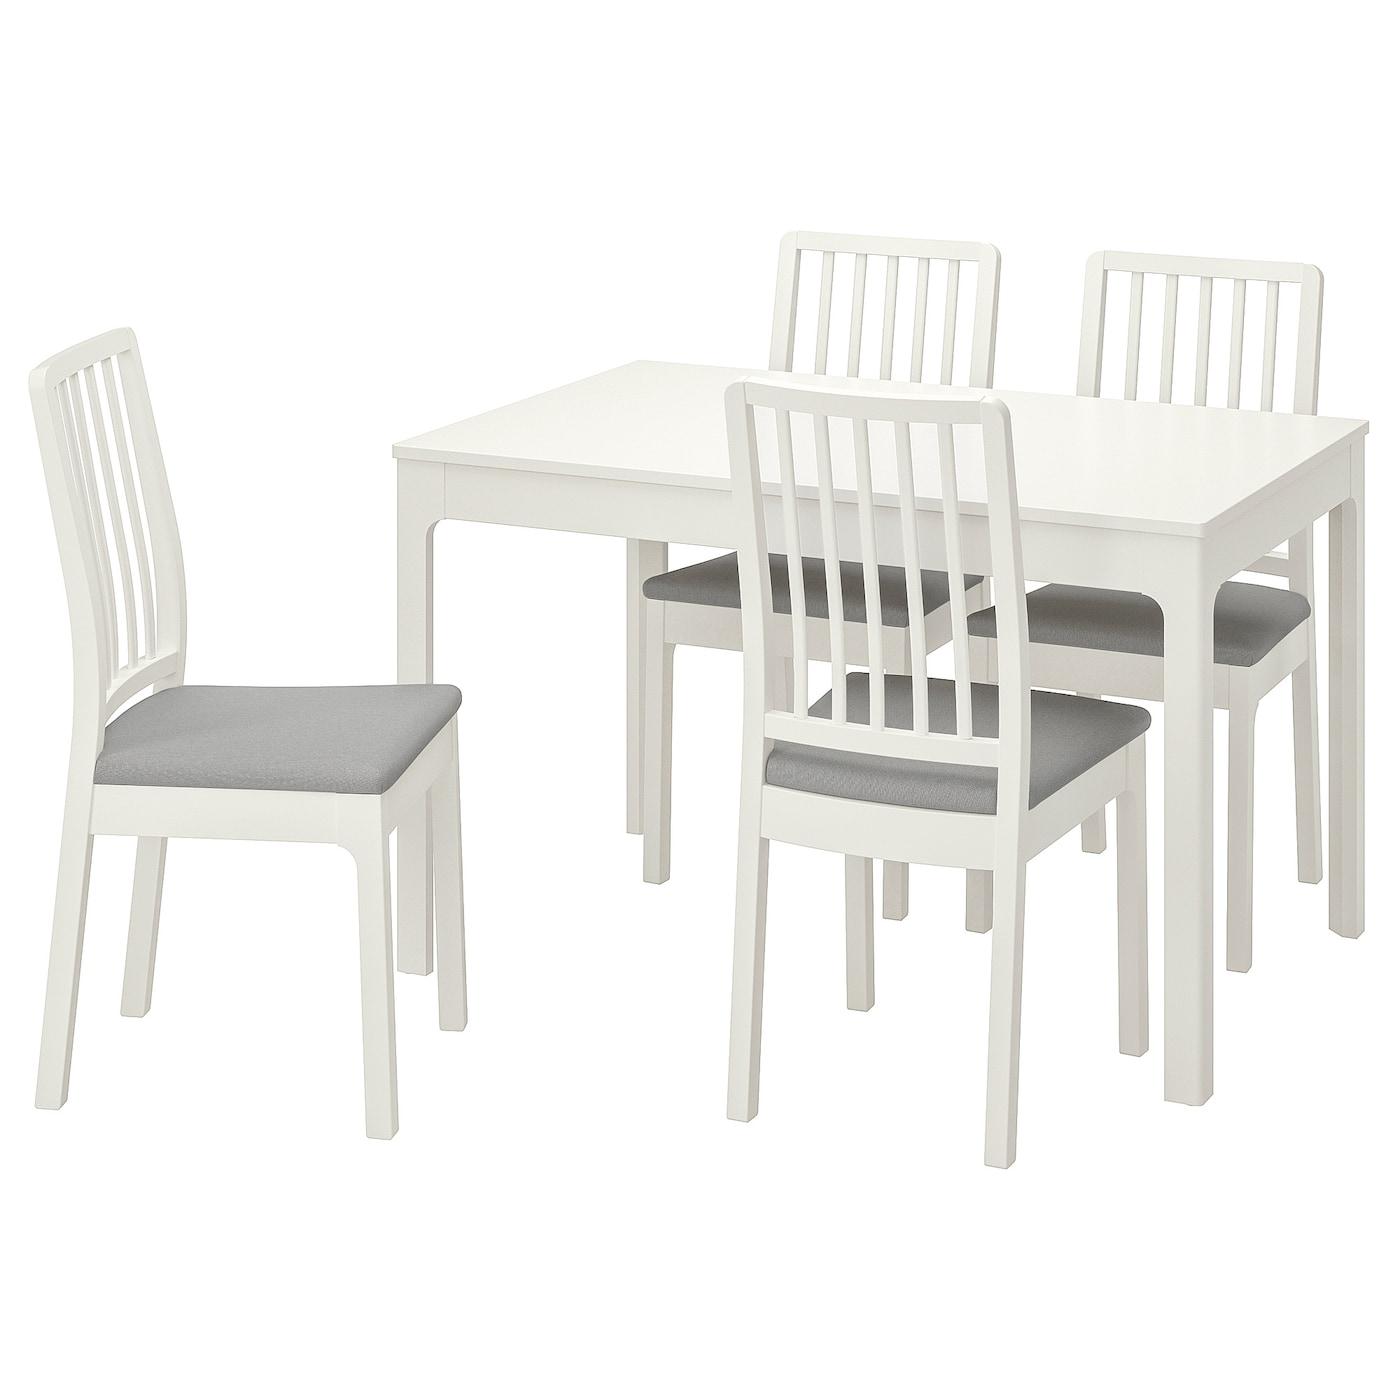 EKEDALEN Tisch und 4 Stühle - weiß/Orrsta hellgrau 120/180 cm